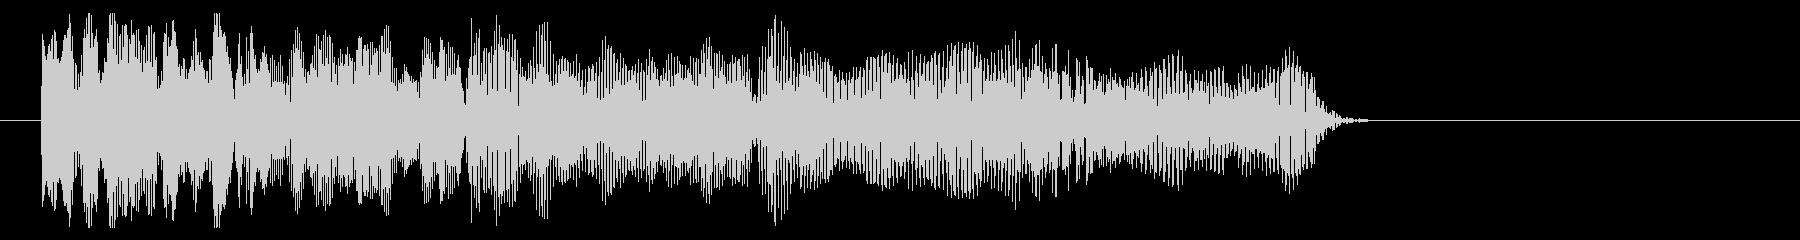 8bitパワーdown-01-3_dryの未再生の波形